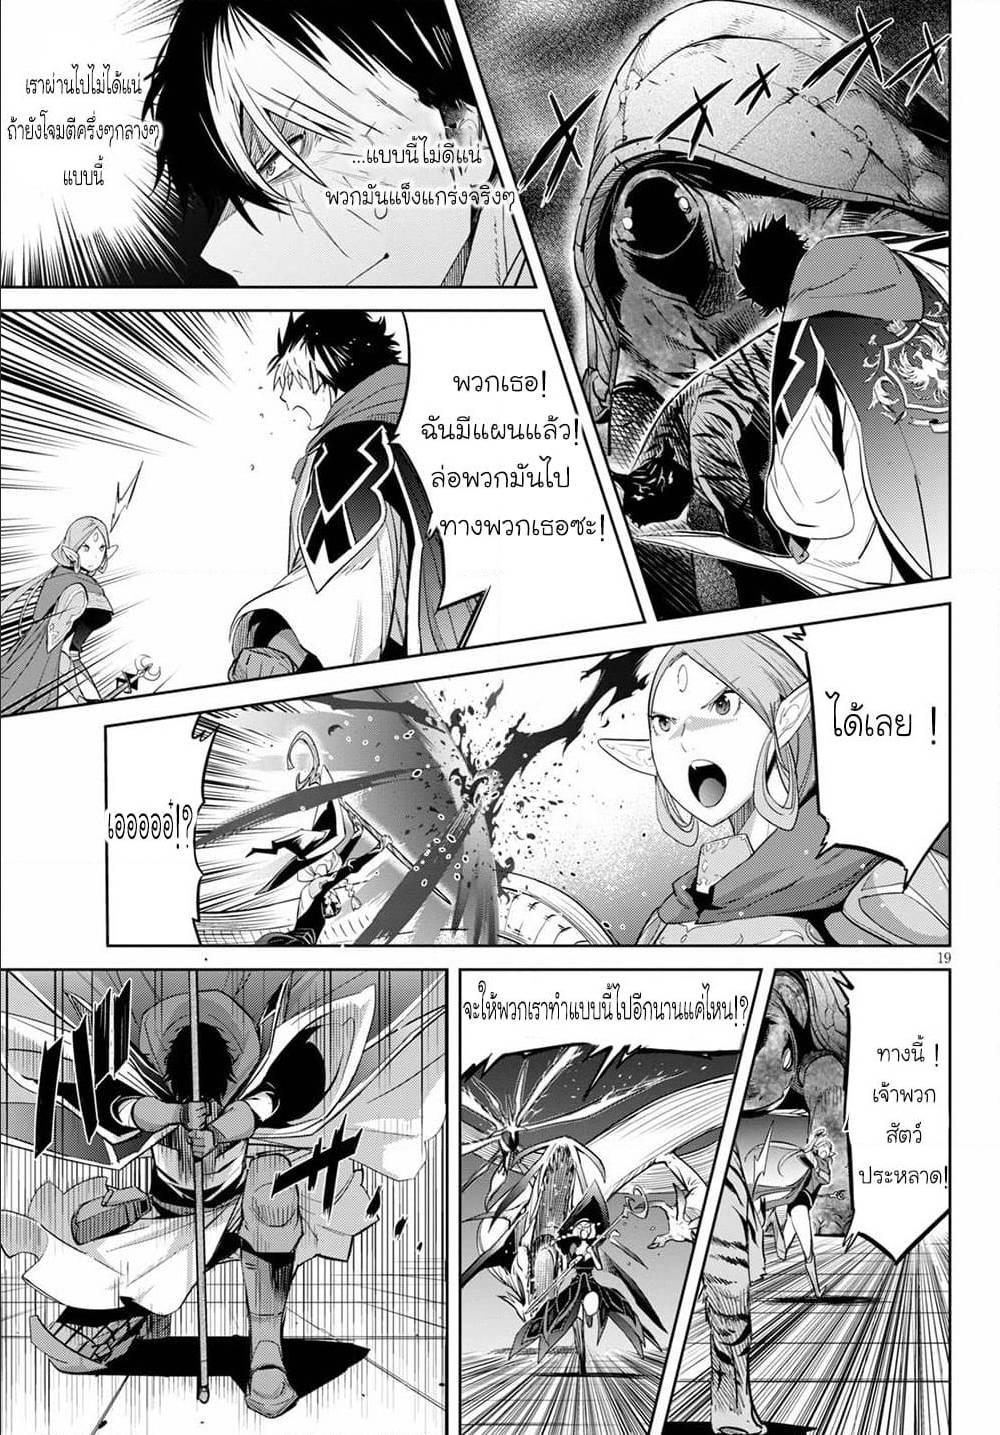 อ่านการ์ตูน Game obu Familia - Family Senki ตอนที่ 27 หน้าที่ 18